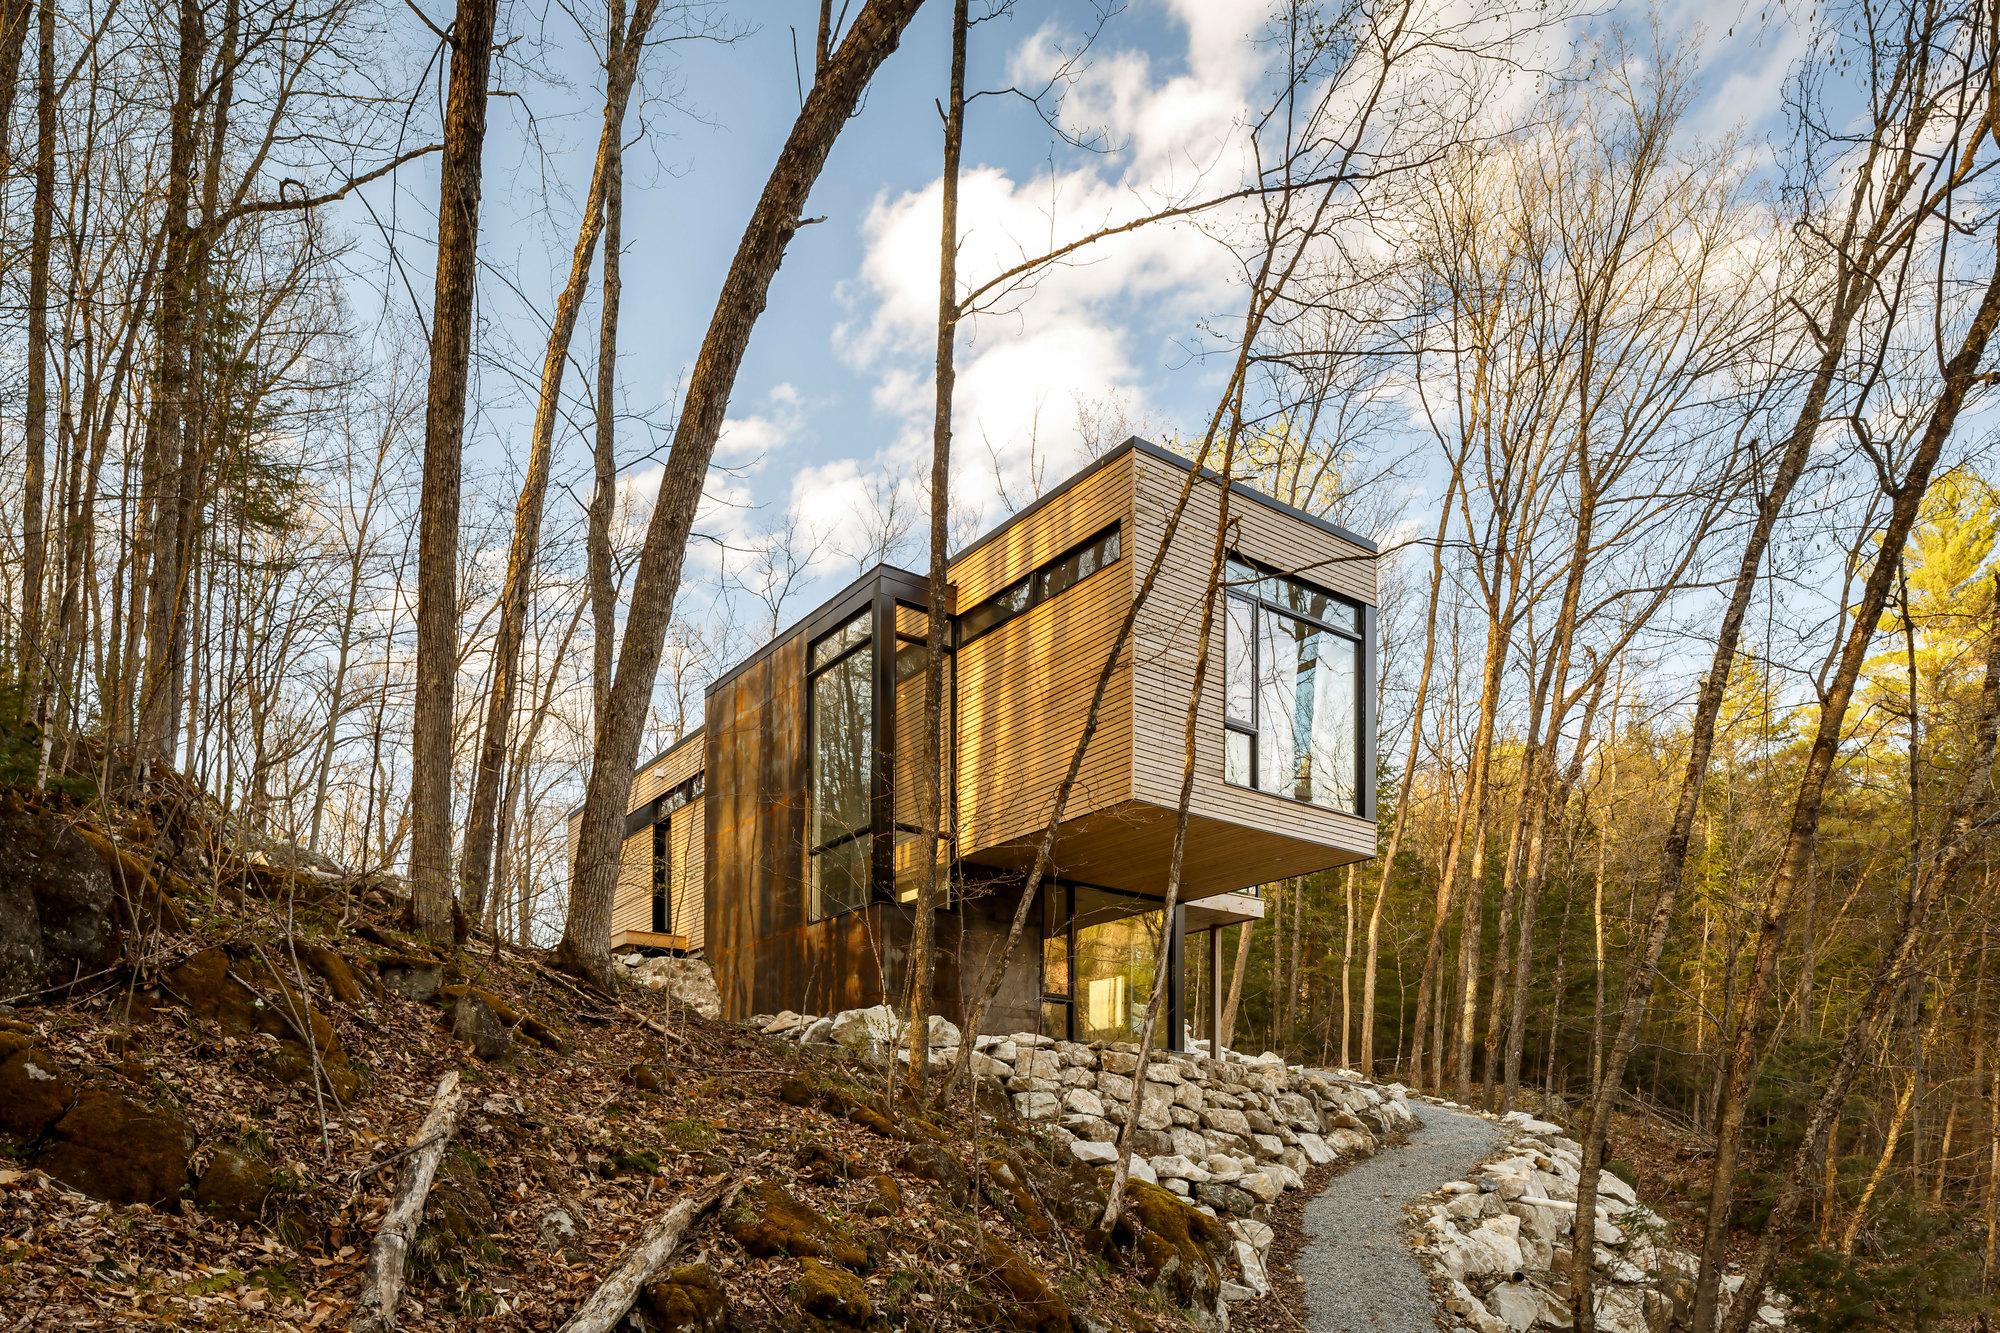 Val-des-Monts Cottage / Christopher Simmonds Architect